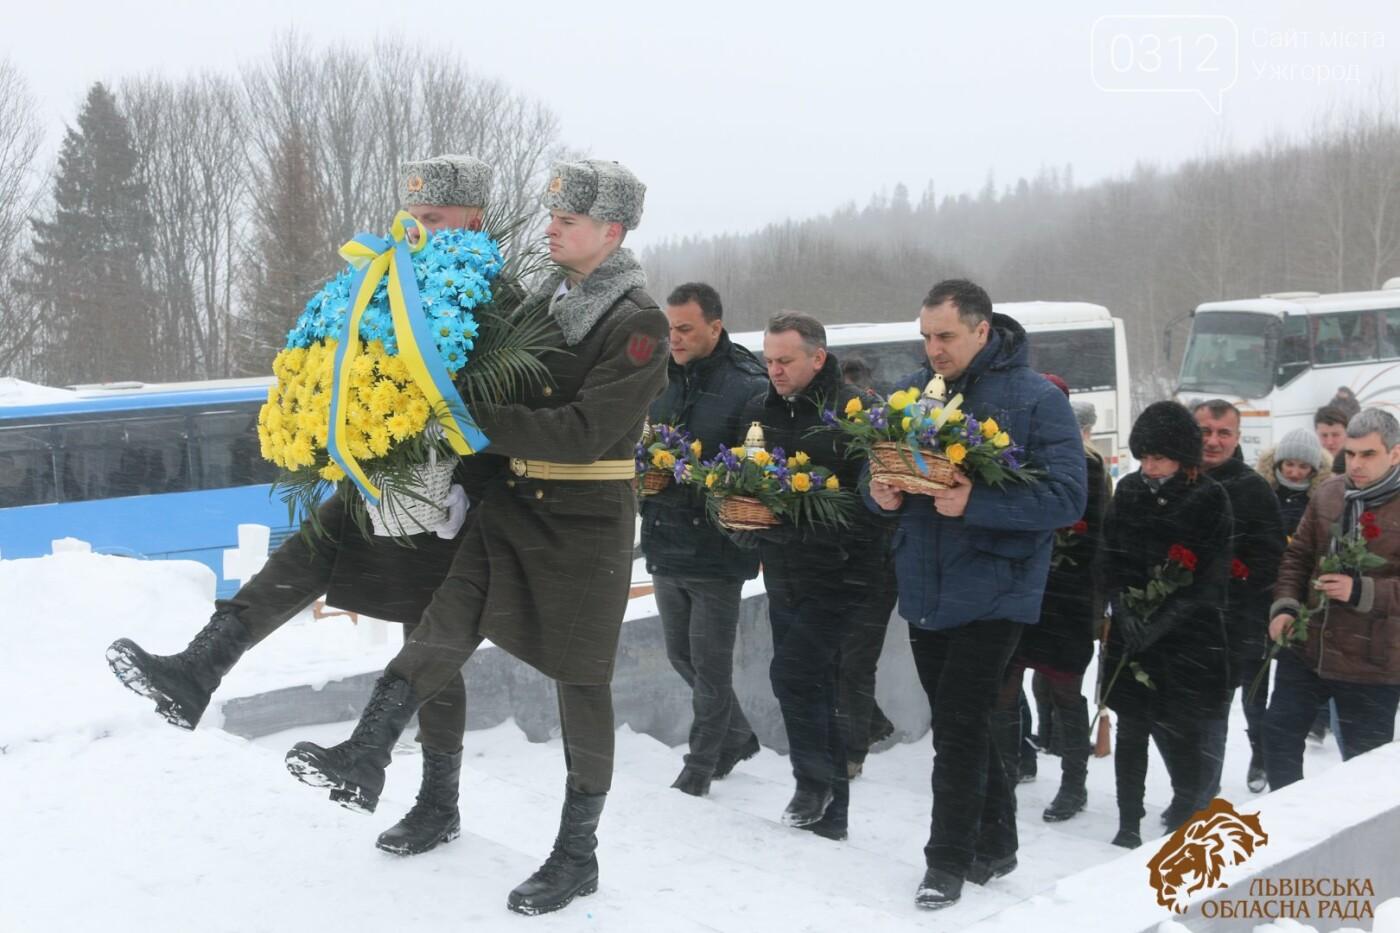 Закарпатці віддали шану полеглим січовикам Карпатської України на Верецькому перевалі (ФОТОРЕПОРТАЖ), фото-6